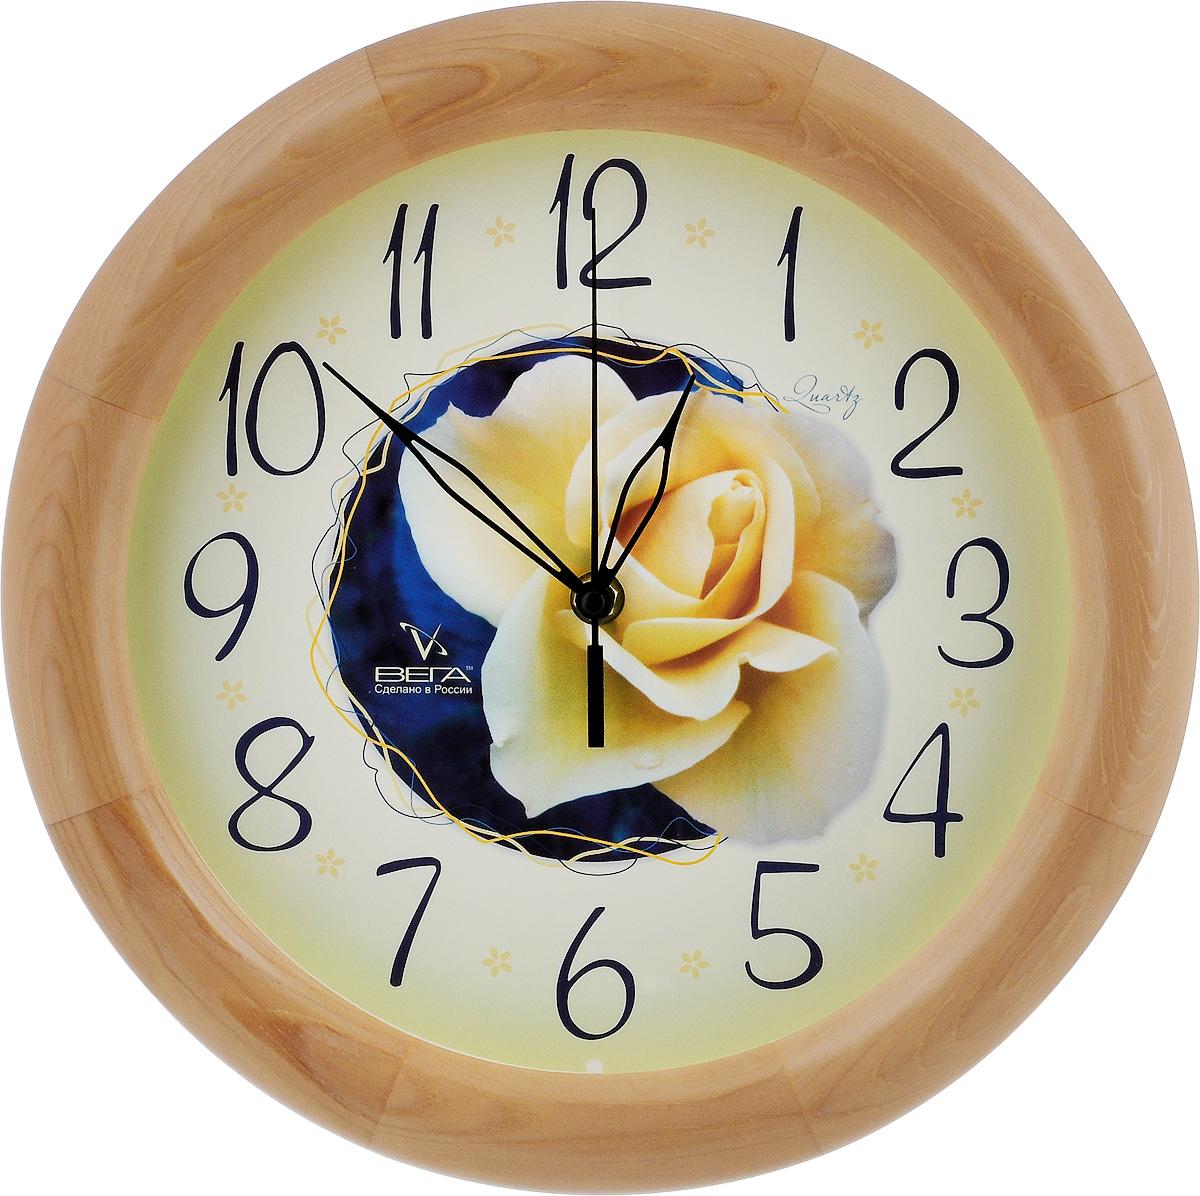 Часы настенные Вега Роза, диаметр 30 смД1НД/7-190Настенные кварцевые часы Вега Роза, изготовленные из дерева, прекрасно впишутся в интерьер вашего дома. Часы имеют три стрелки: часовую, минутную и секундную, циферблат защищен прозрачным стеклом. Часы работают от 1 батарейки типа АА напряжением 1,5 В (не входит в комплект). Диаметр часов: 30 см.